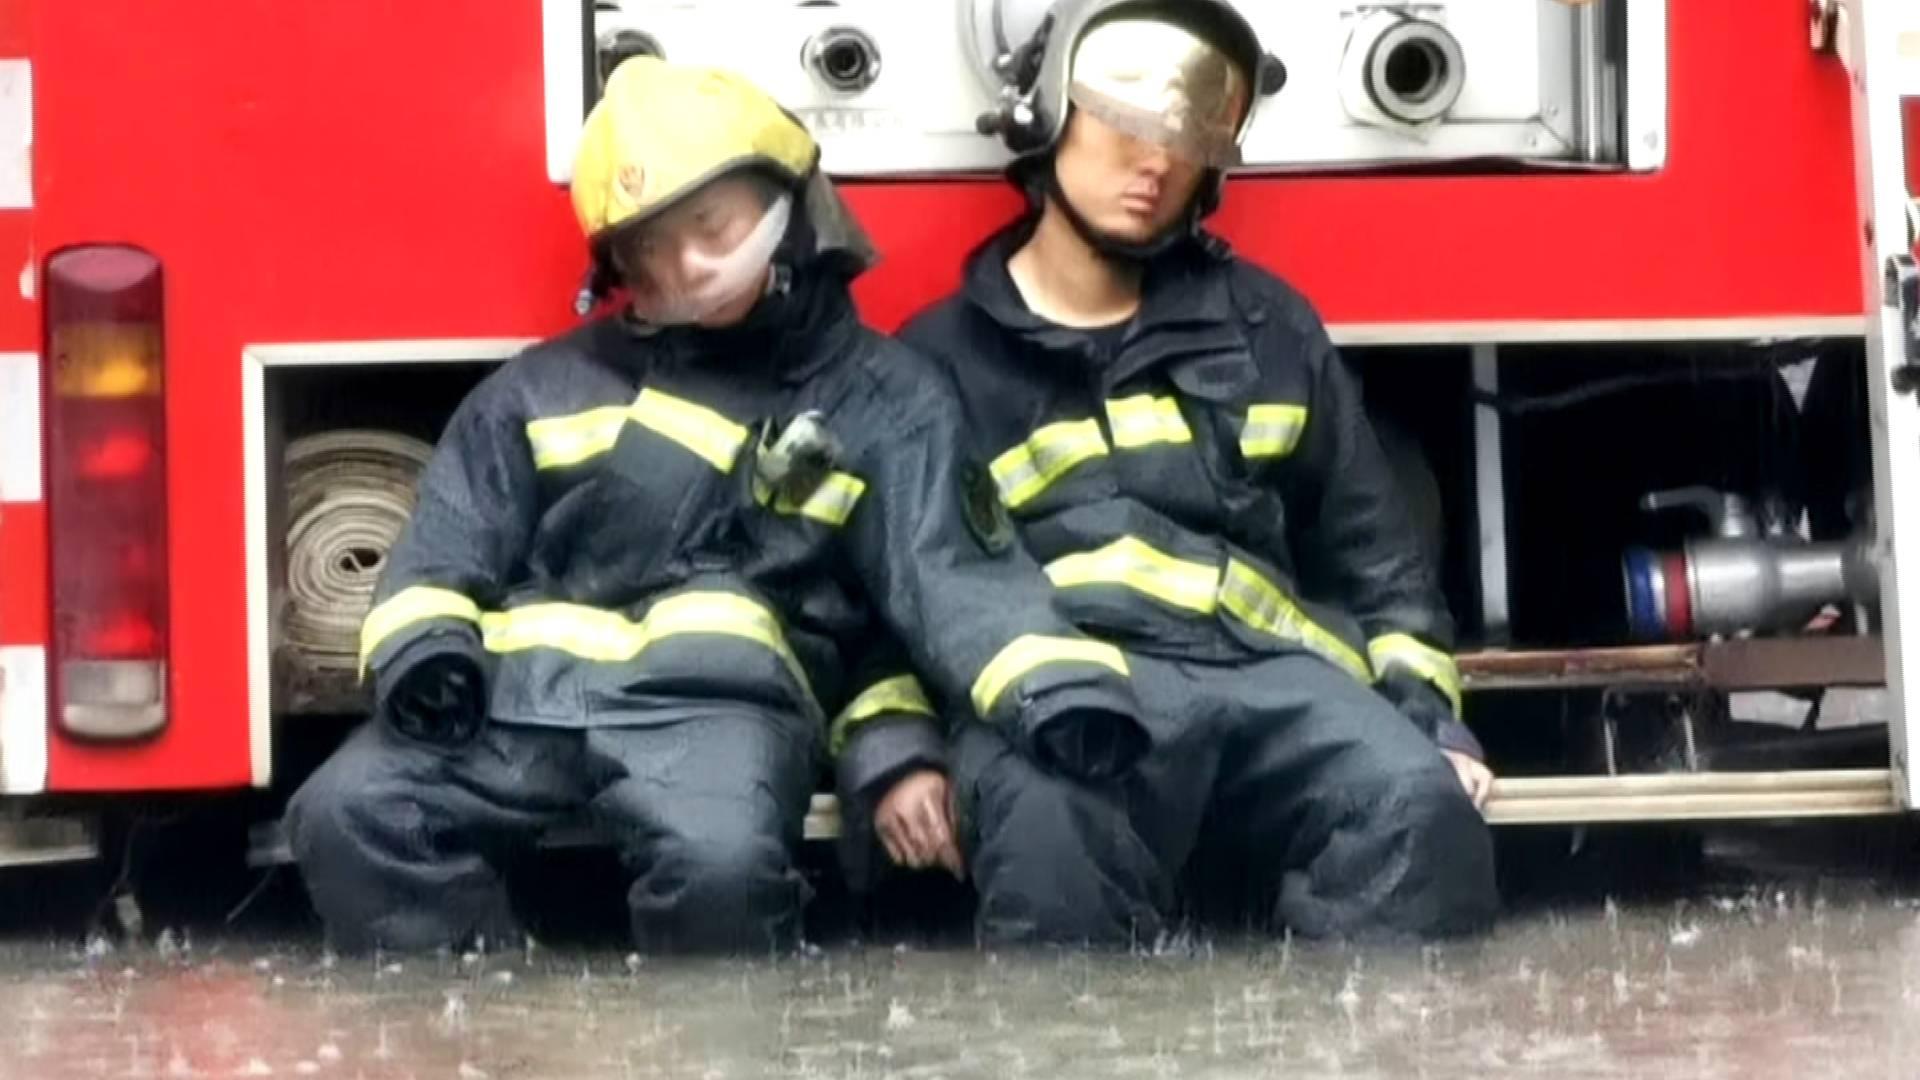 61秒|你们熟睡的样子最美!救援超10小时,两名消防员风雨中睡着